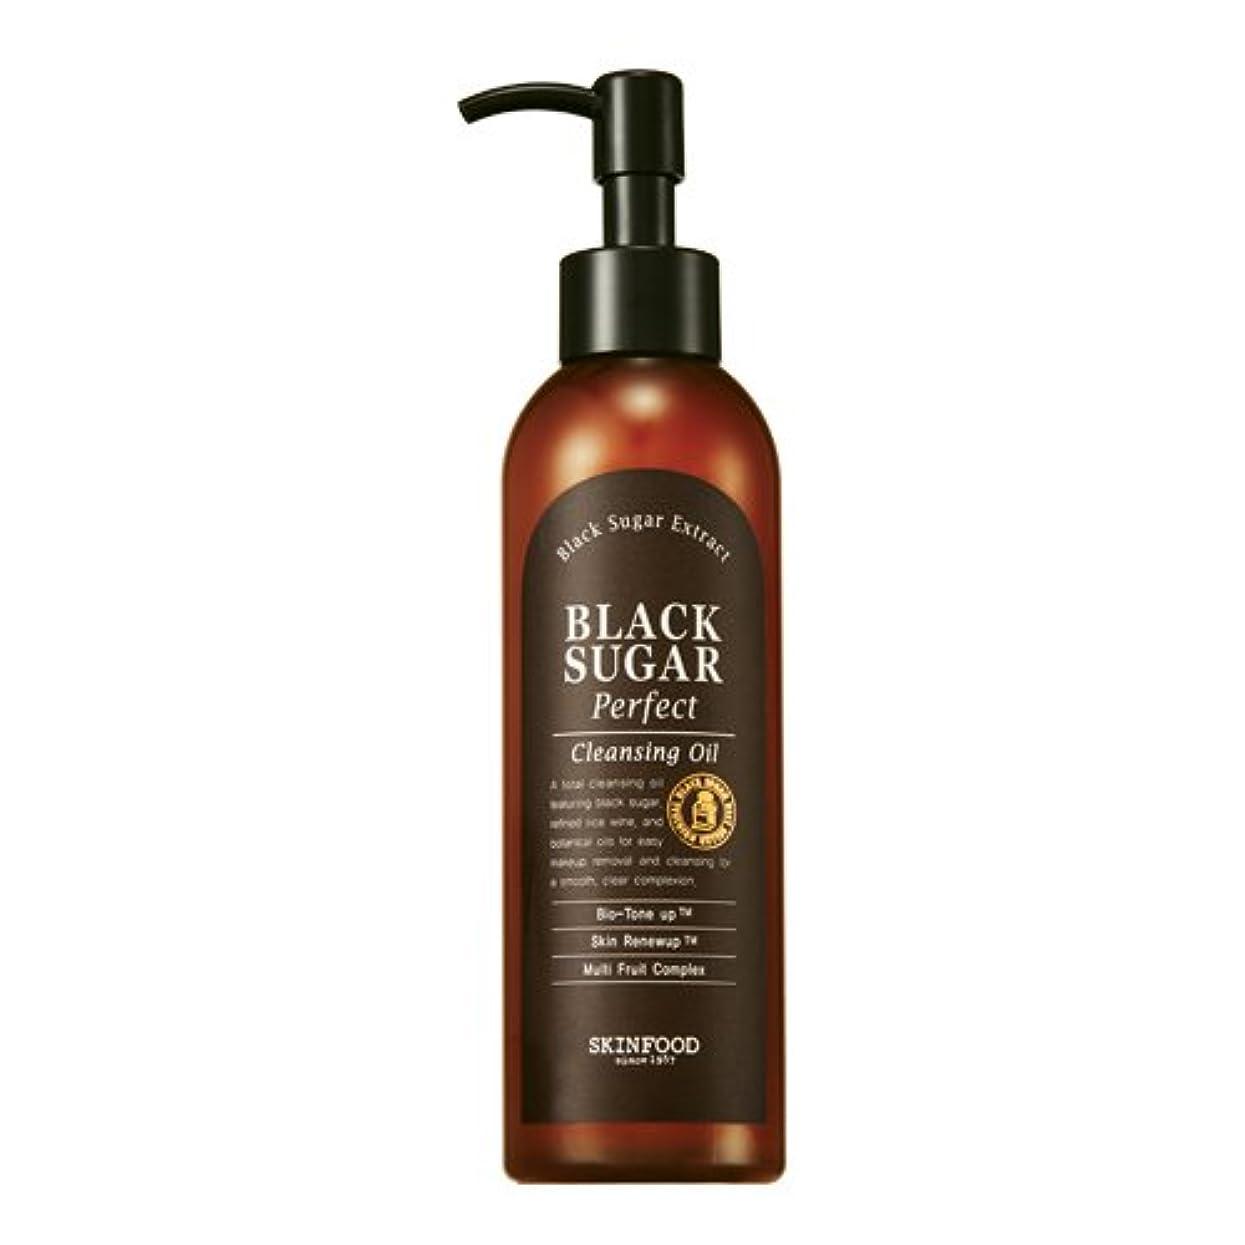 モンク無一文成分Skinfood/Black Sugar Perfect Cleansing Oil/ブラックシュガーパーフェクトクレンジングオイル/200ml [並行輸入品]